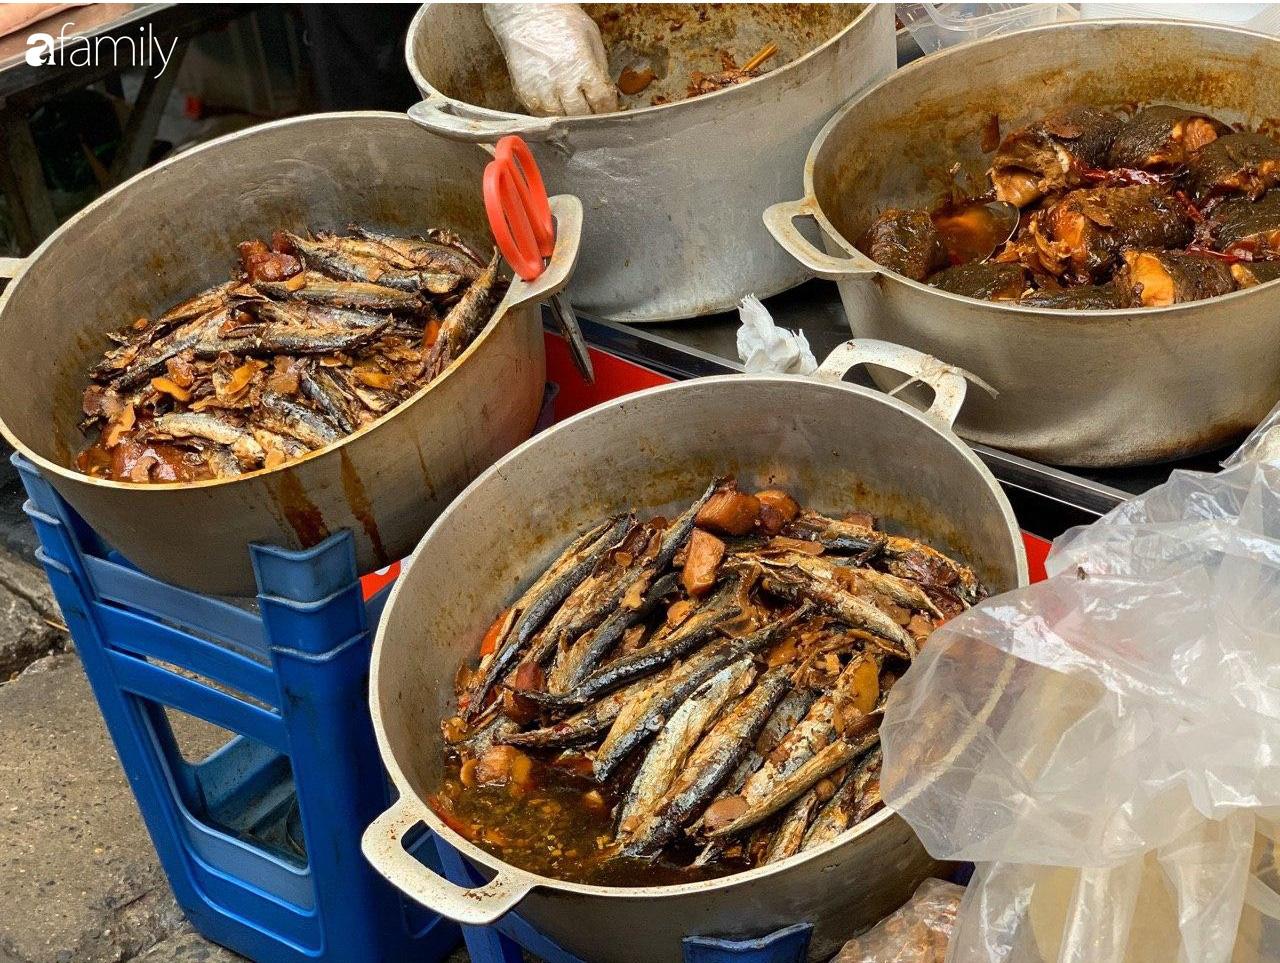 Chợ Hàng Bè thất thủ ngày cuối năm: Người người chen chúc vào hàng gà luộc và các quầy đồ ăn chế biến sẵn - Ảnh 10.